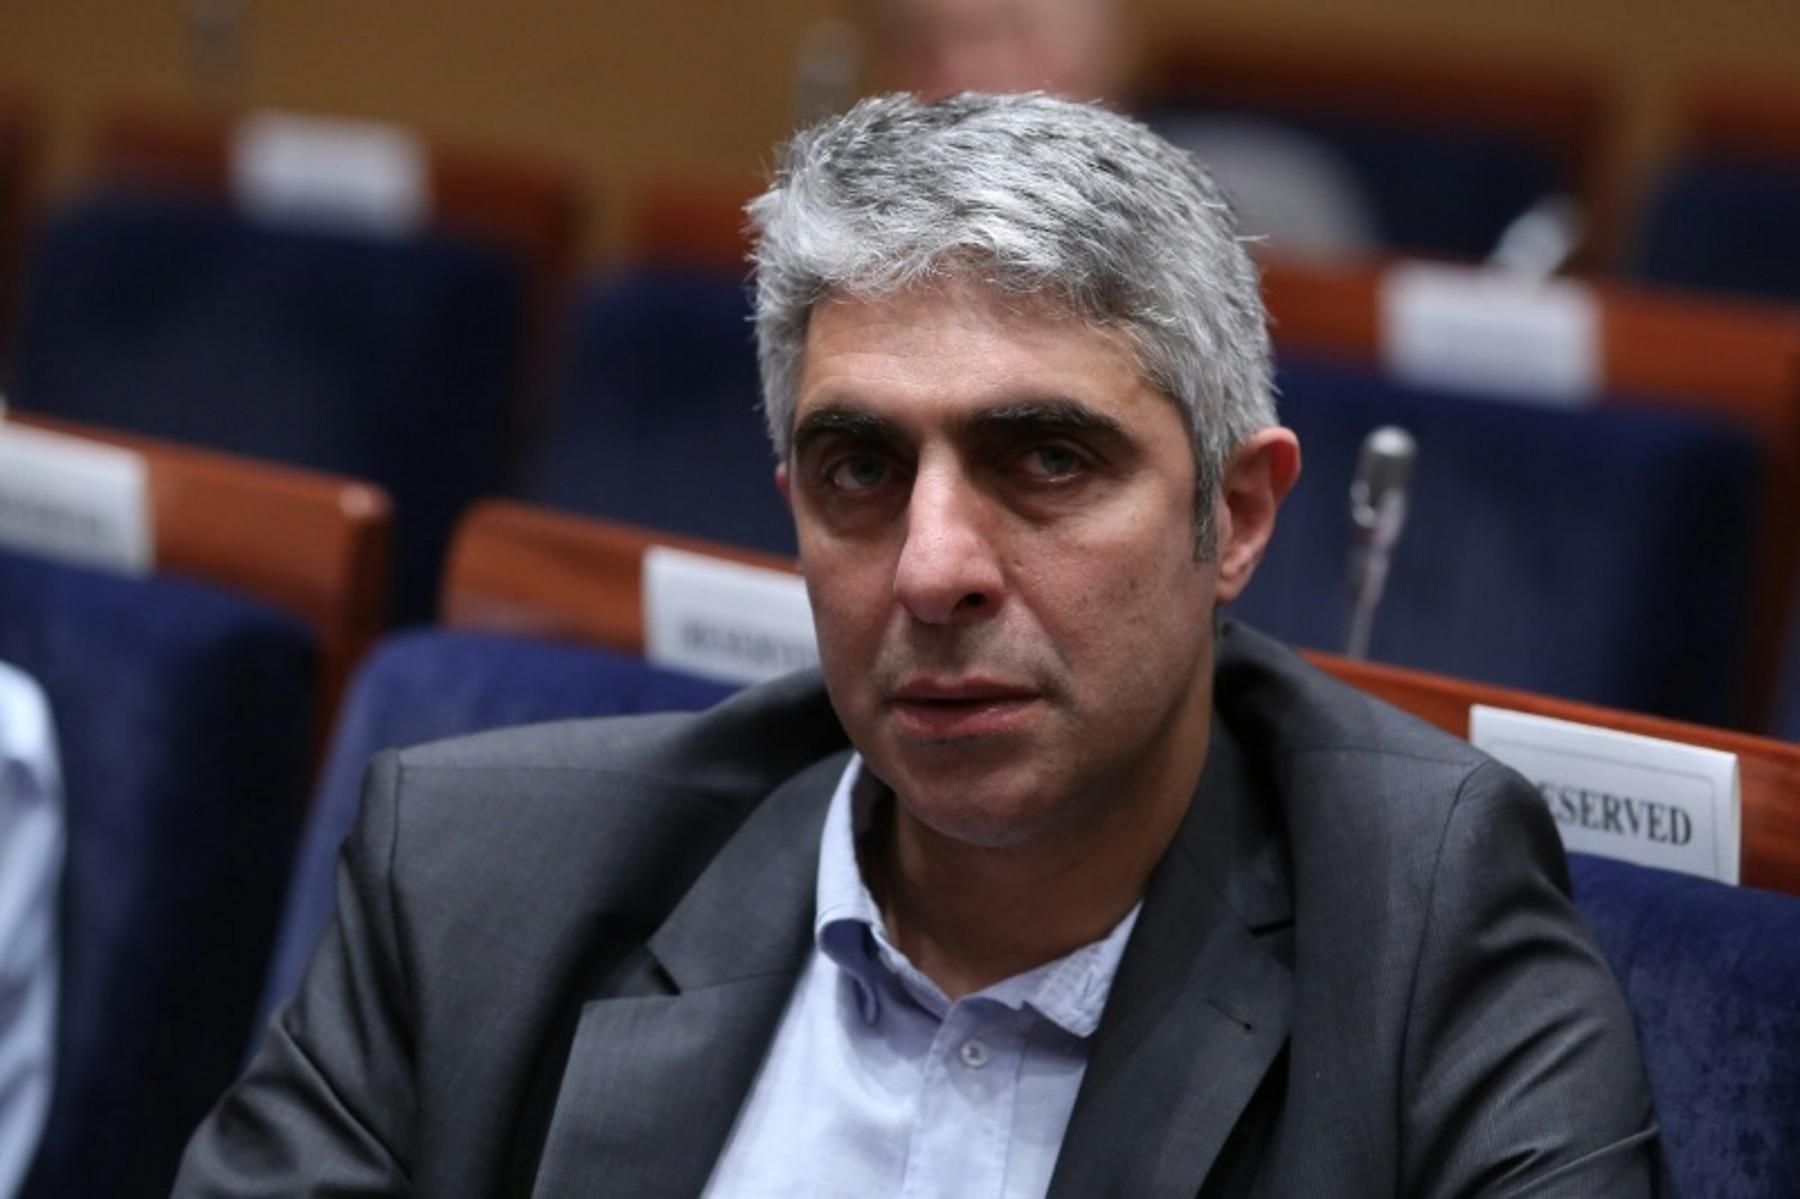 Γ. Τσίπρας: Προοπτικές διεύρυνσης της ελληνοσερβικής συνεργασίας στον τομέα της ενέργειας